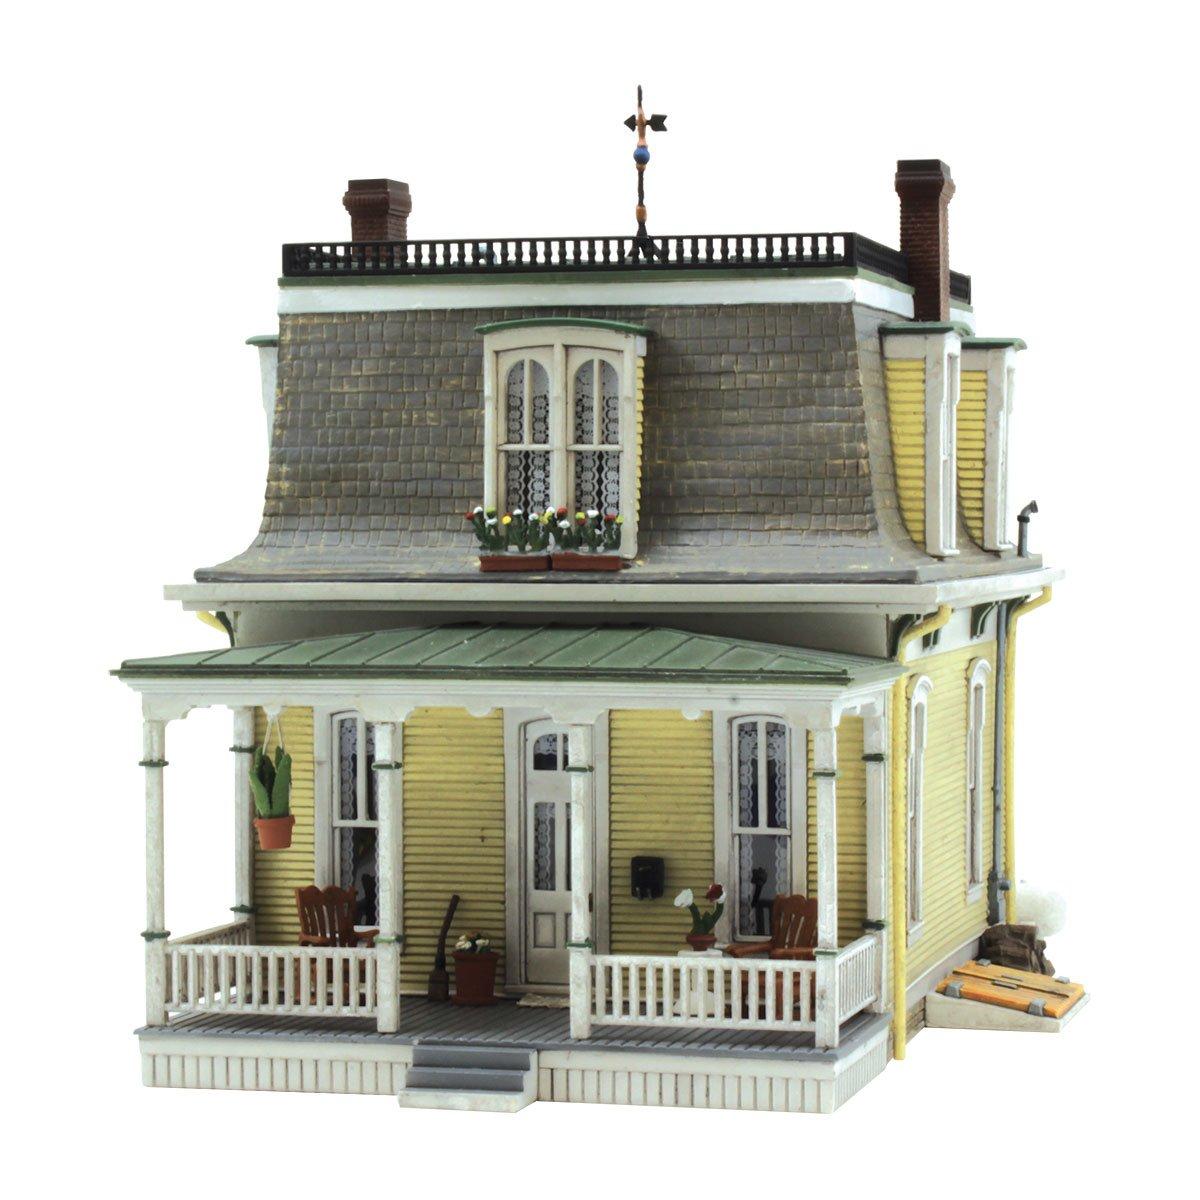 大人気の [ウッドランドシーニックス]Woodland Scenics Home BR4939 Sweet Home N BR4939 [並行輸入品] Sweet B00M1RINTA B00M1RINTA, イカザキチョウ:1338fd29 --- a0267596.xsph.ru